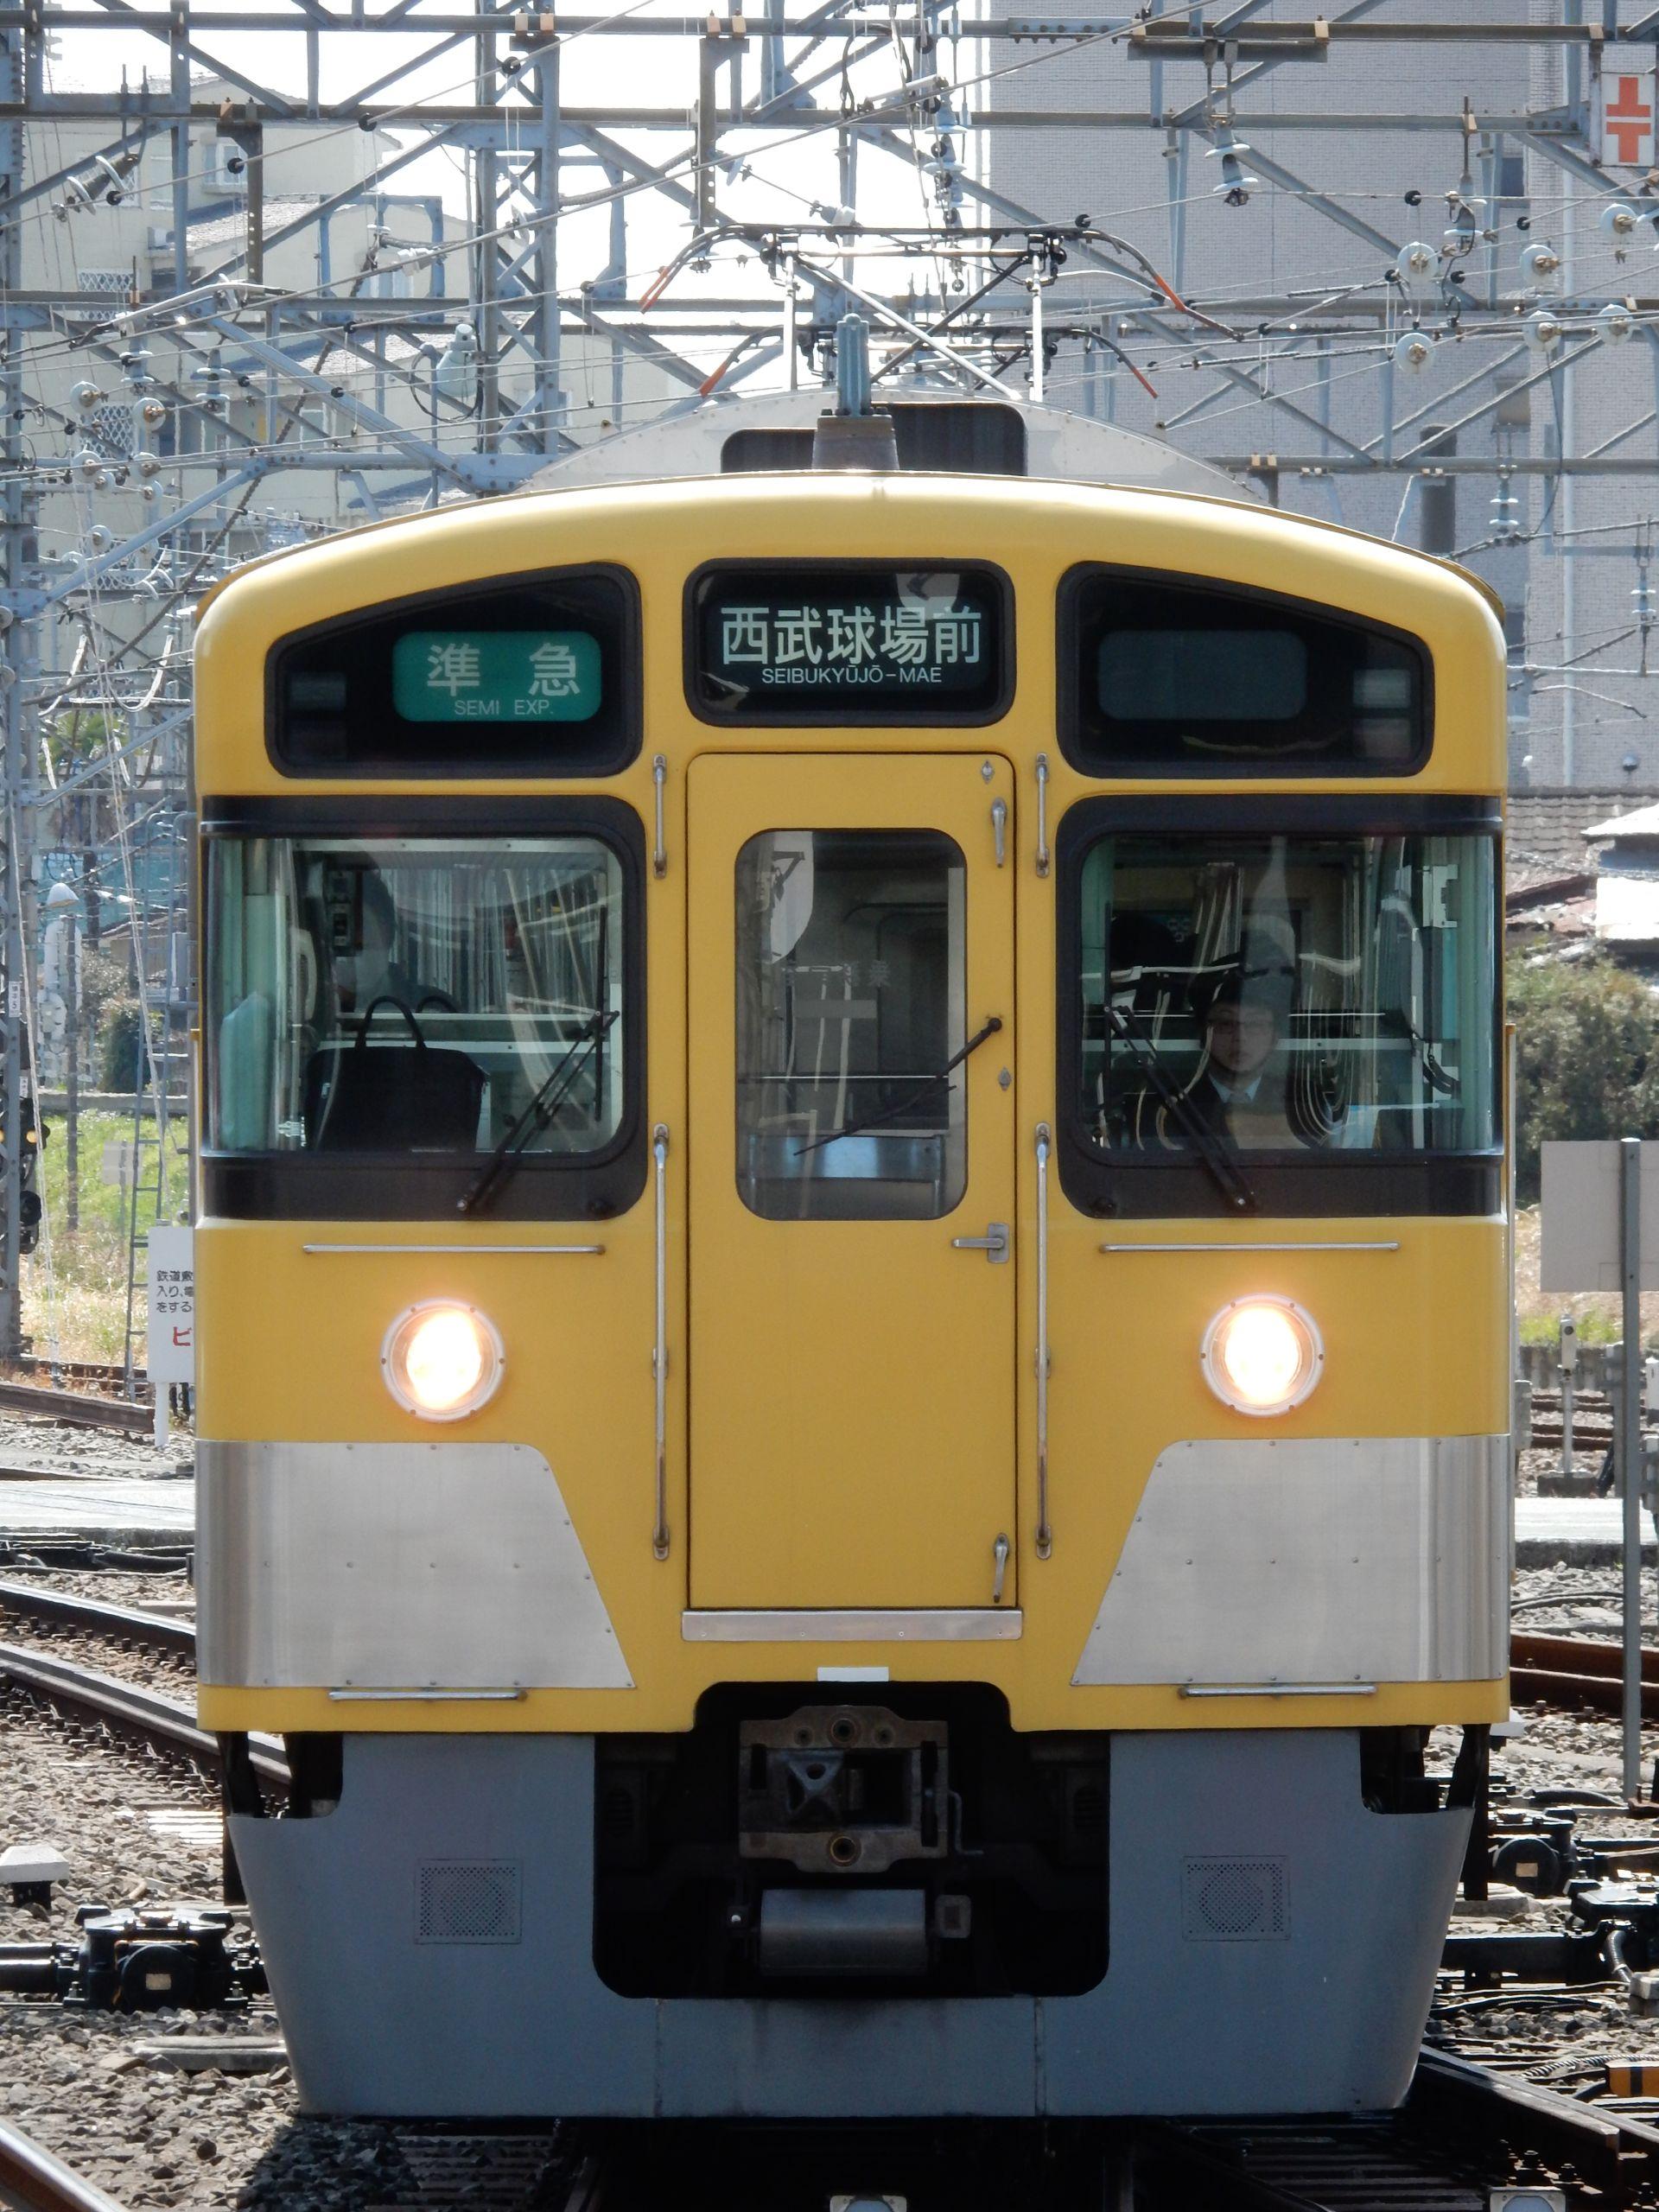 DSCN6016 - コピー